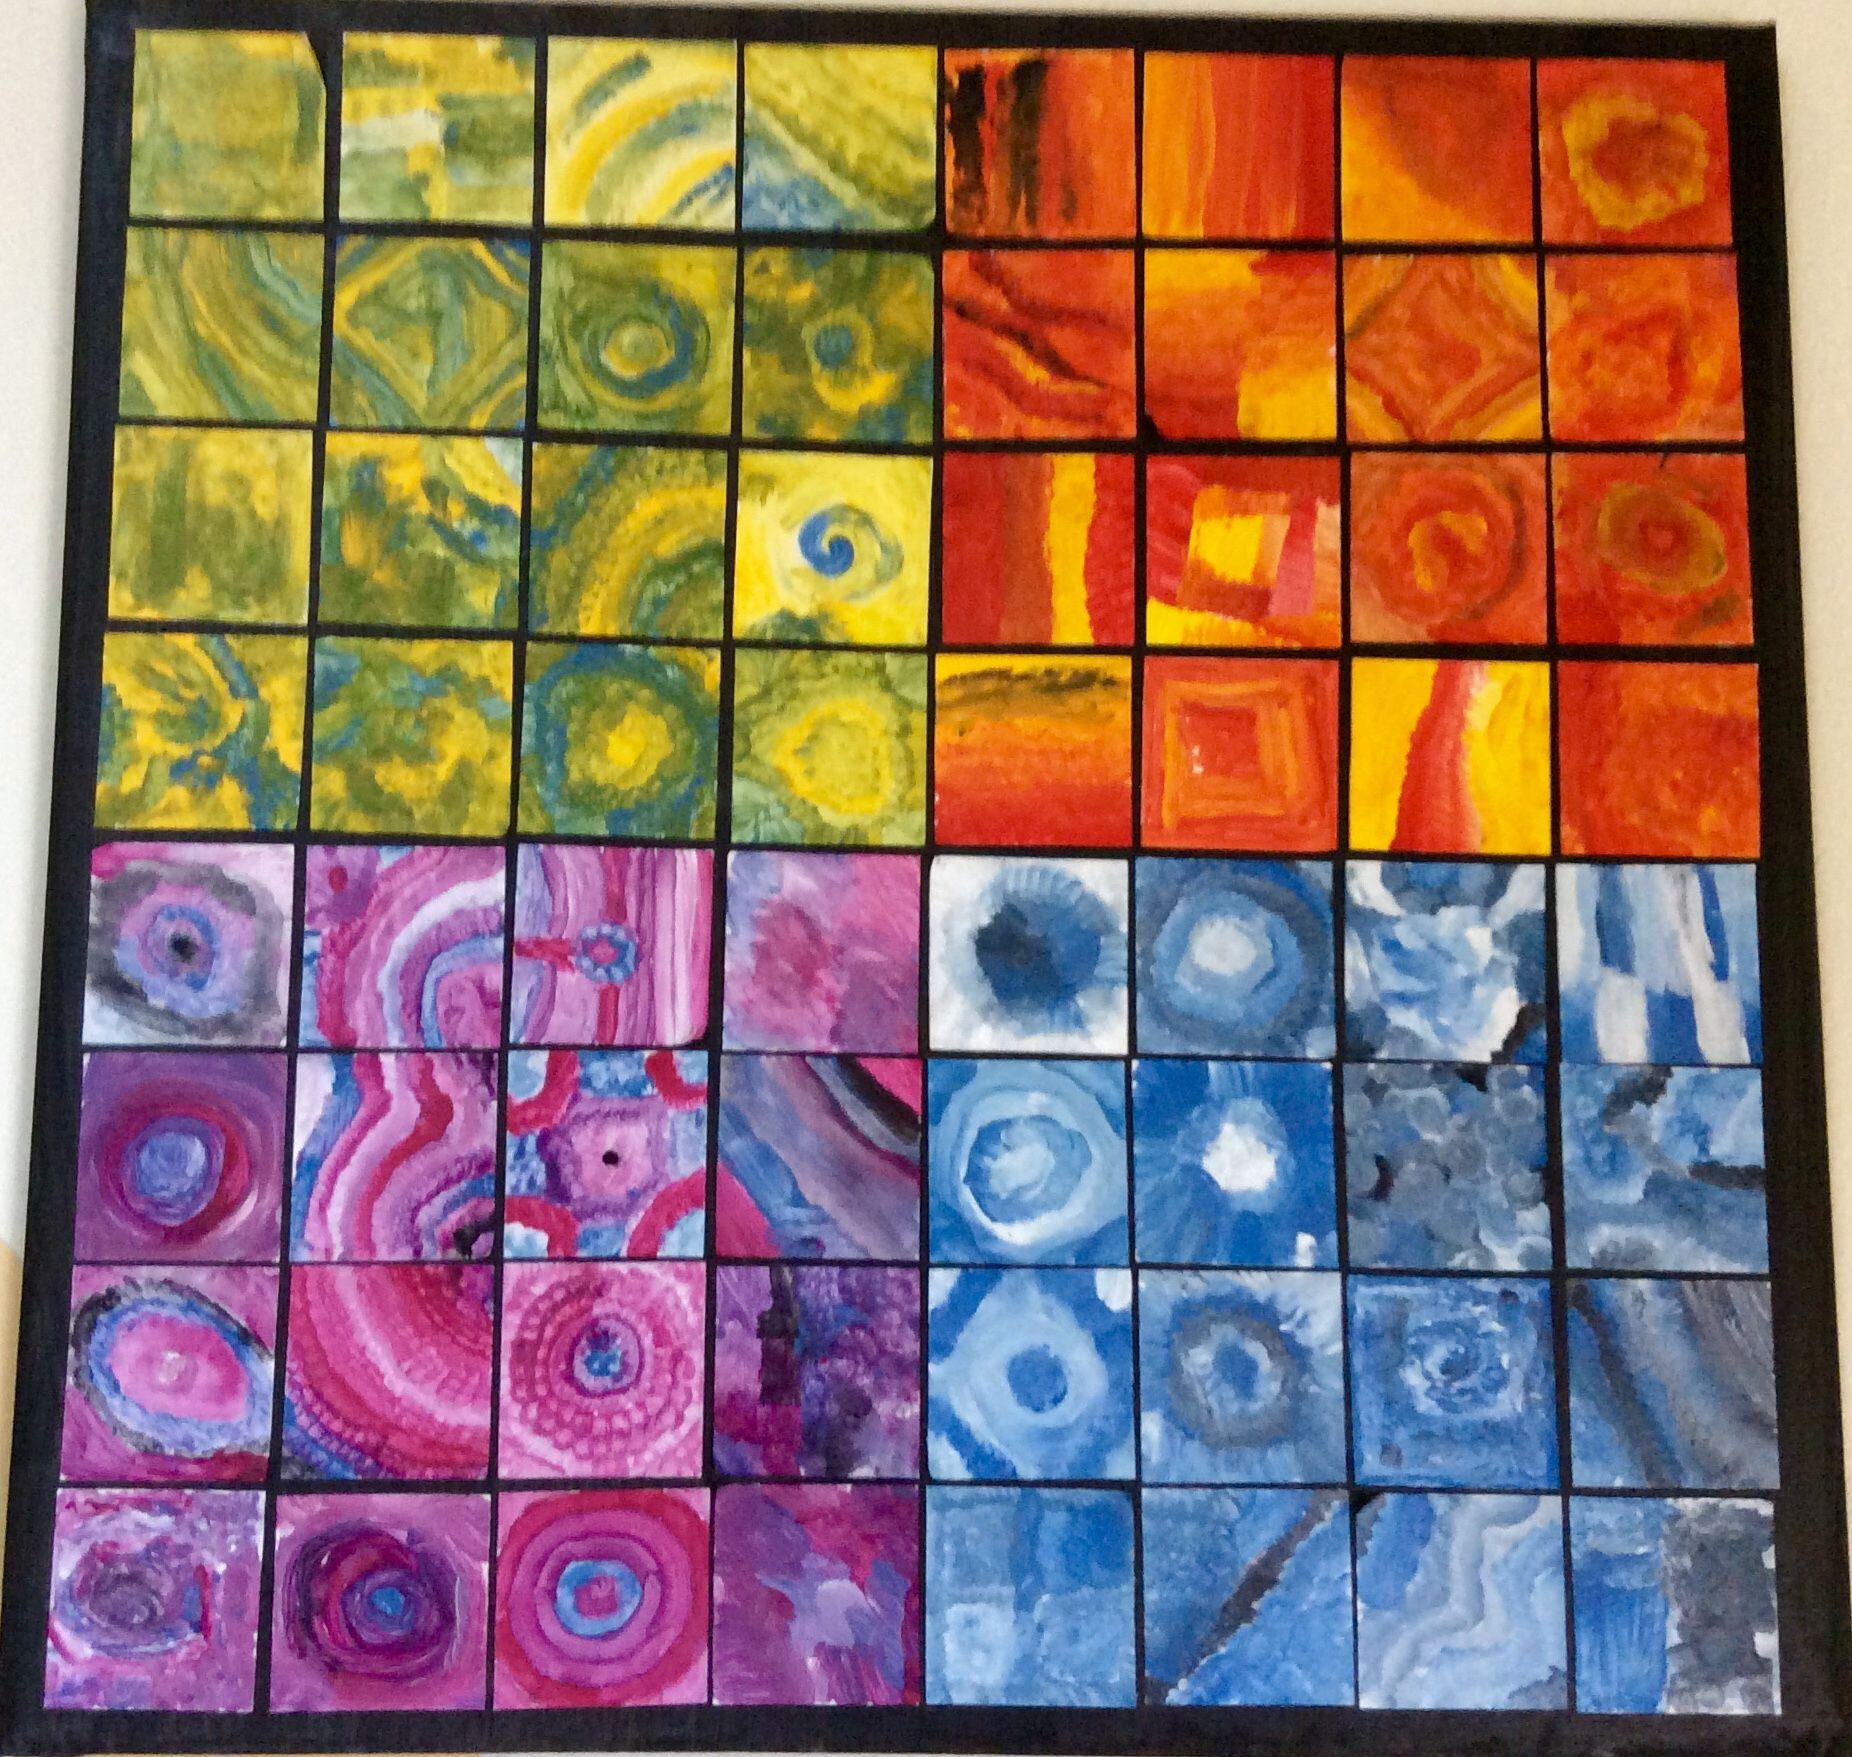 Arbeitsblätter Farben Mischen : Gemeinschaftsarbeit jedes kind gestaltet blätter